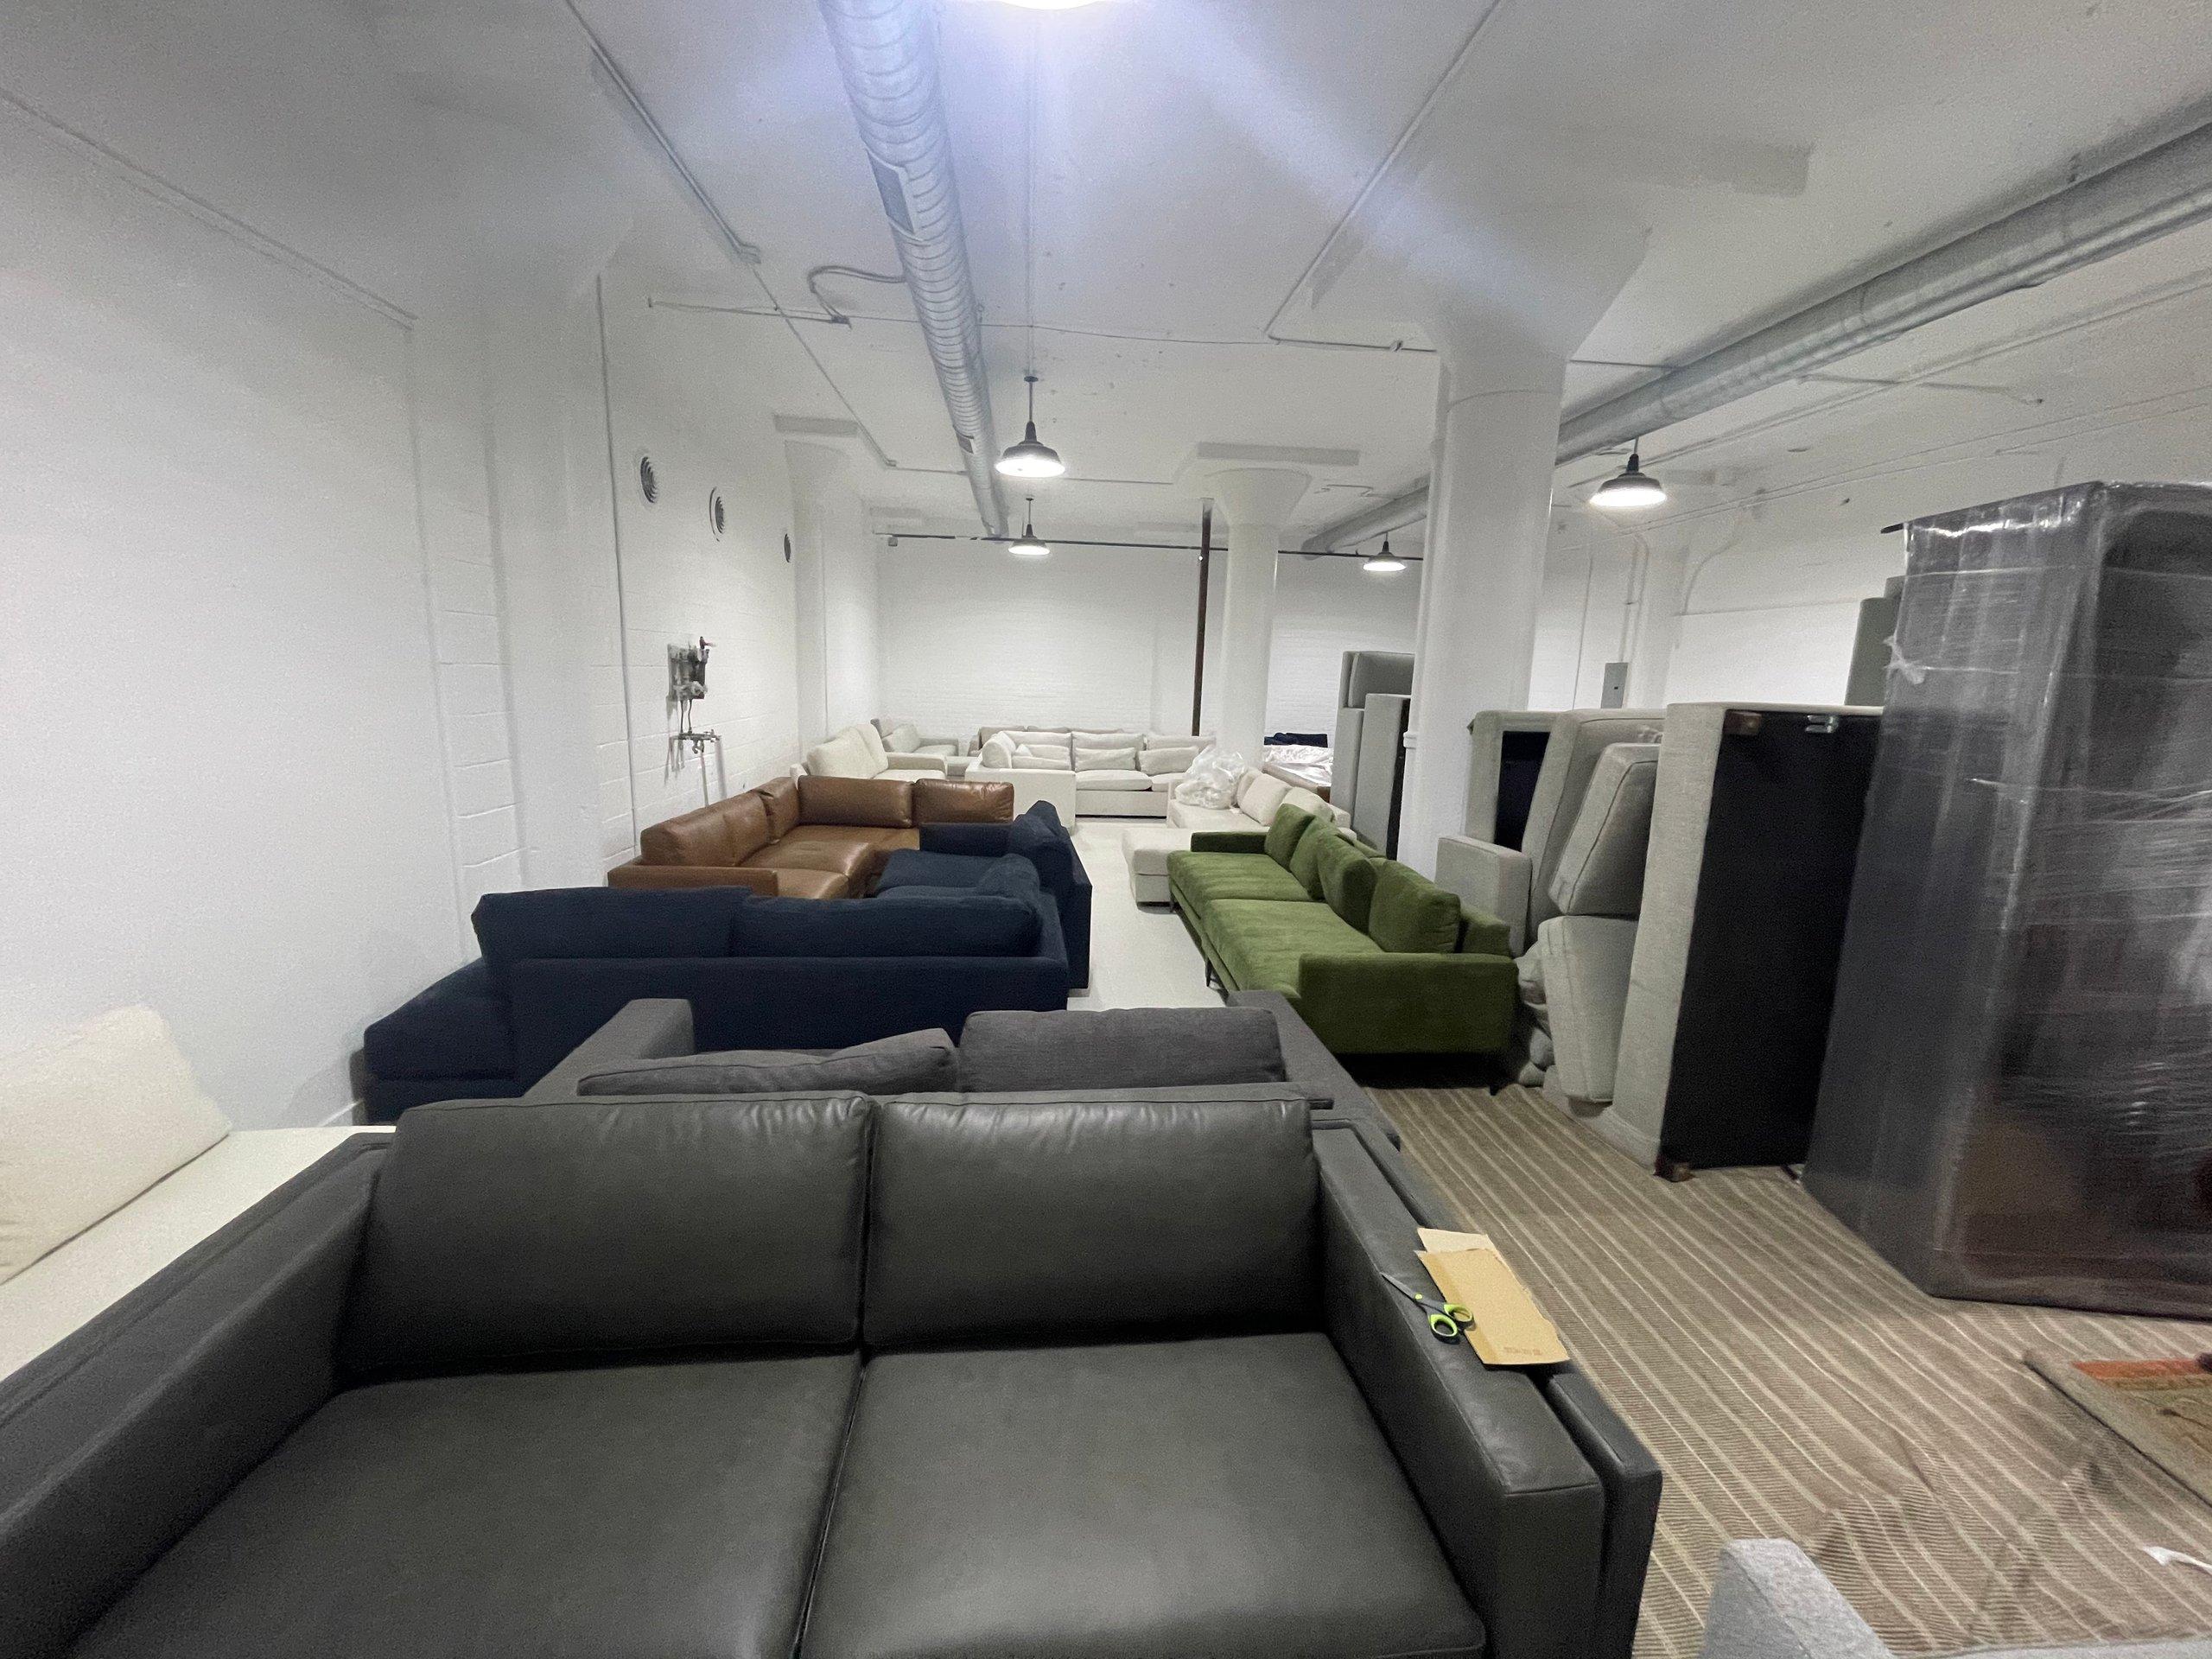 60x30 Other self storage unit